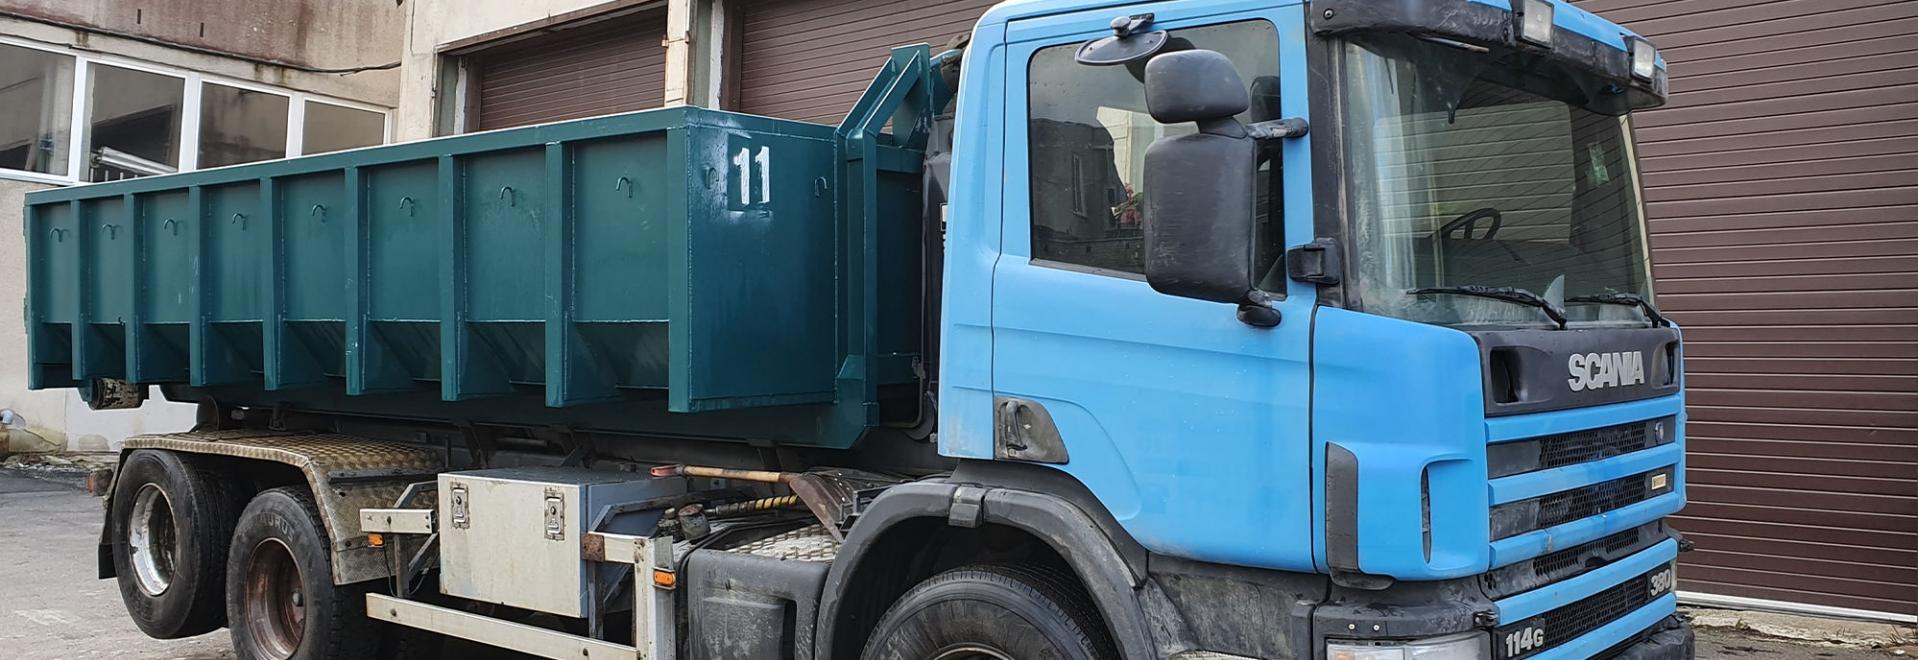 Transporditeenused ja jäätmekäitlus Kose vallas ja lähiümbruses